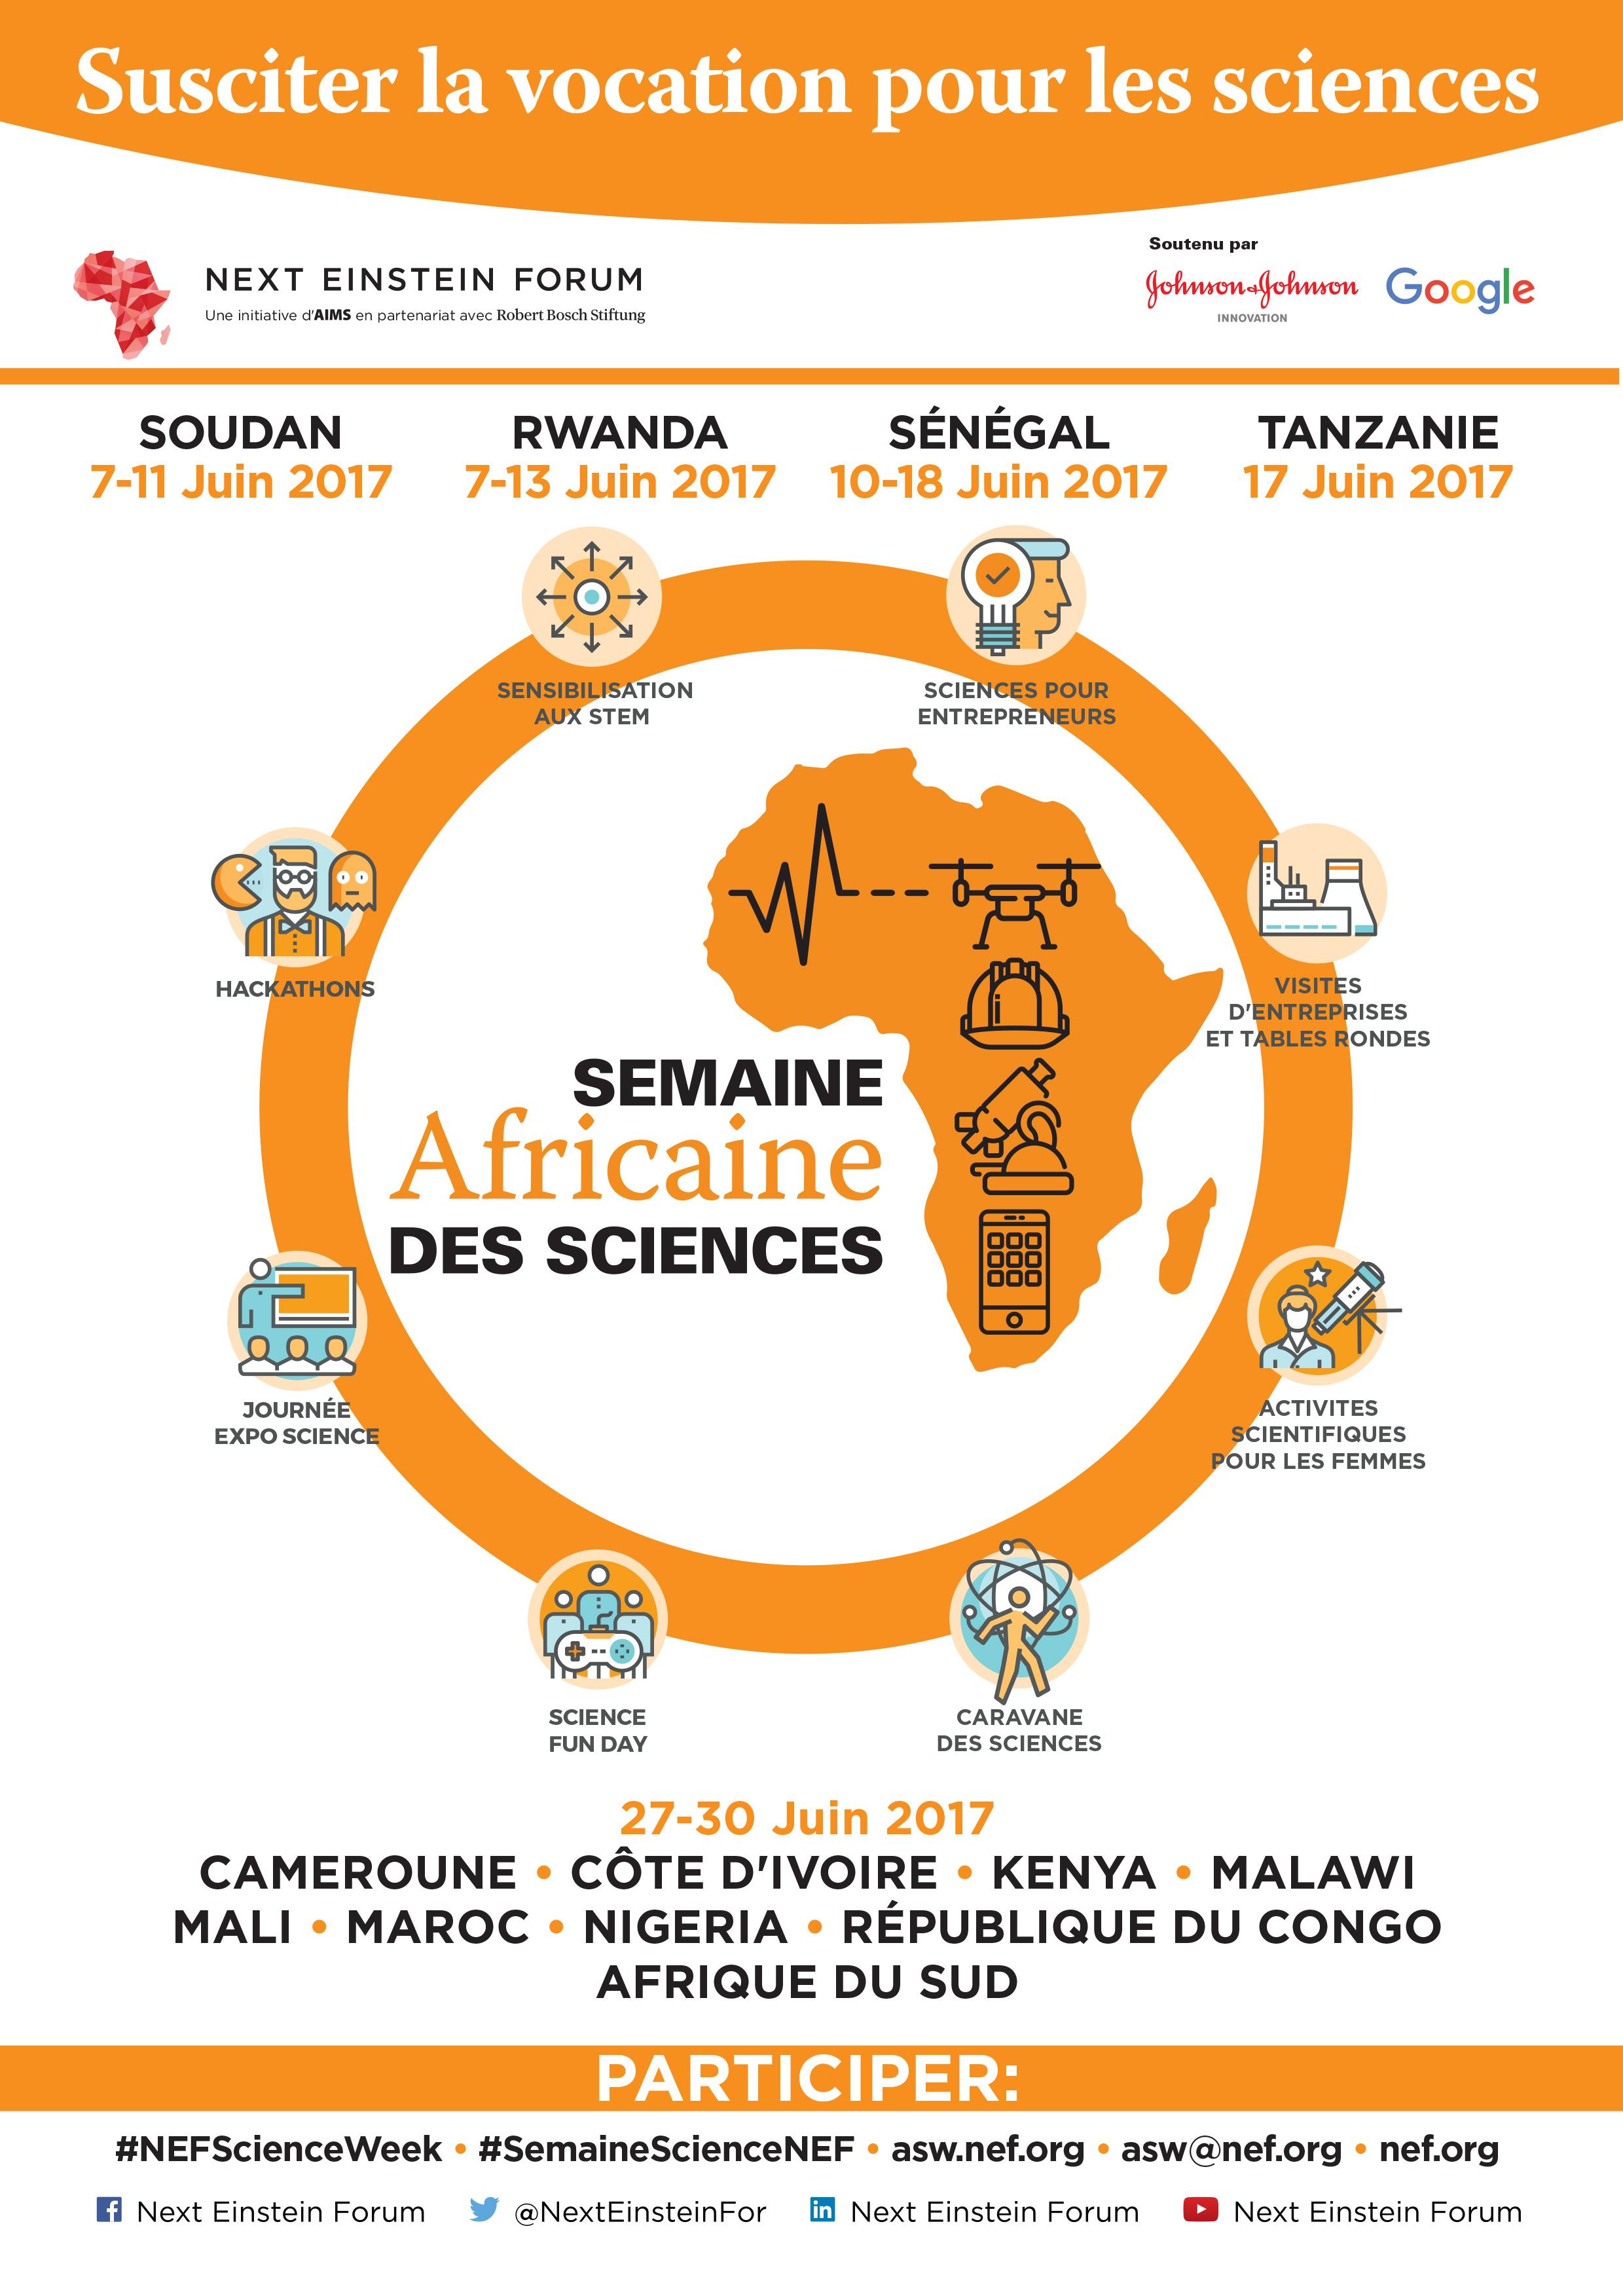 Le Next Einstein Forum lance la toute première Semaine Africaine des Sciences